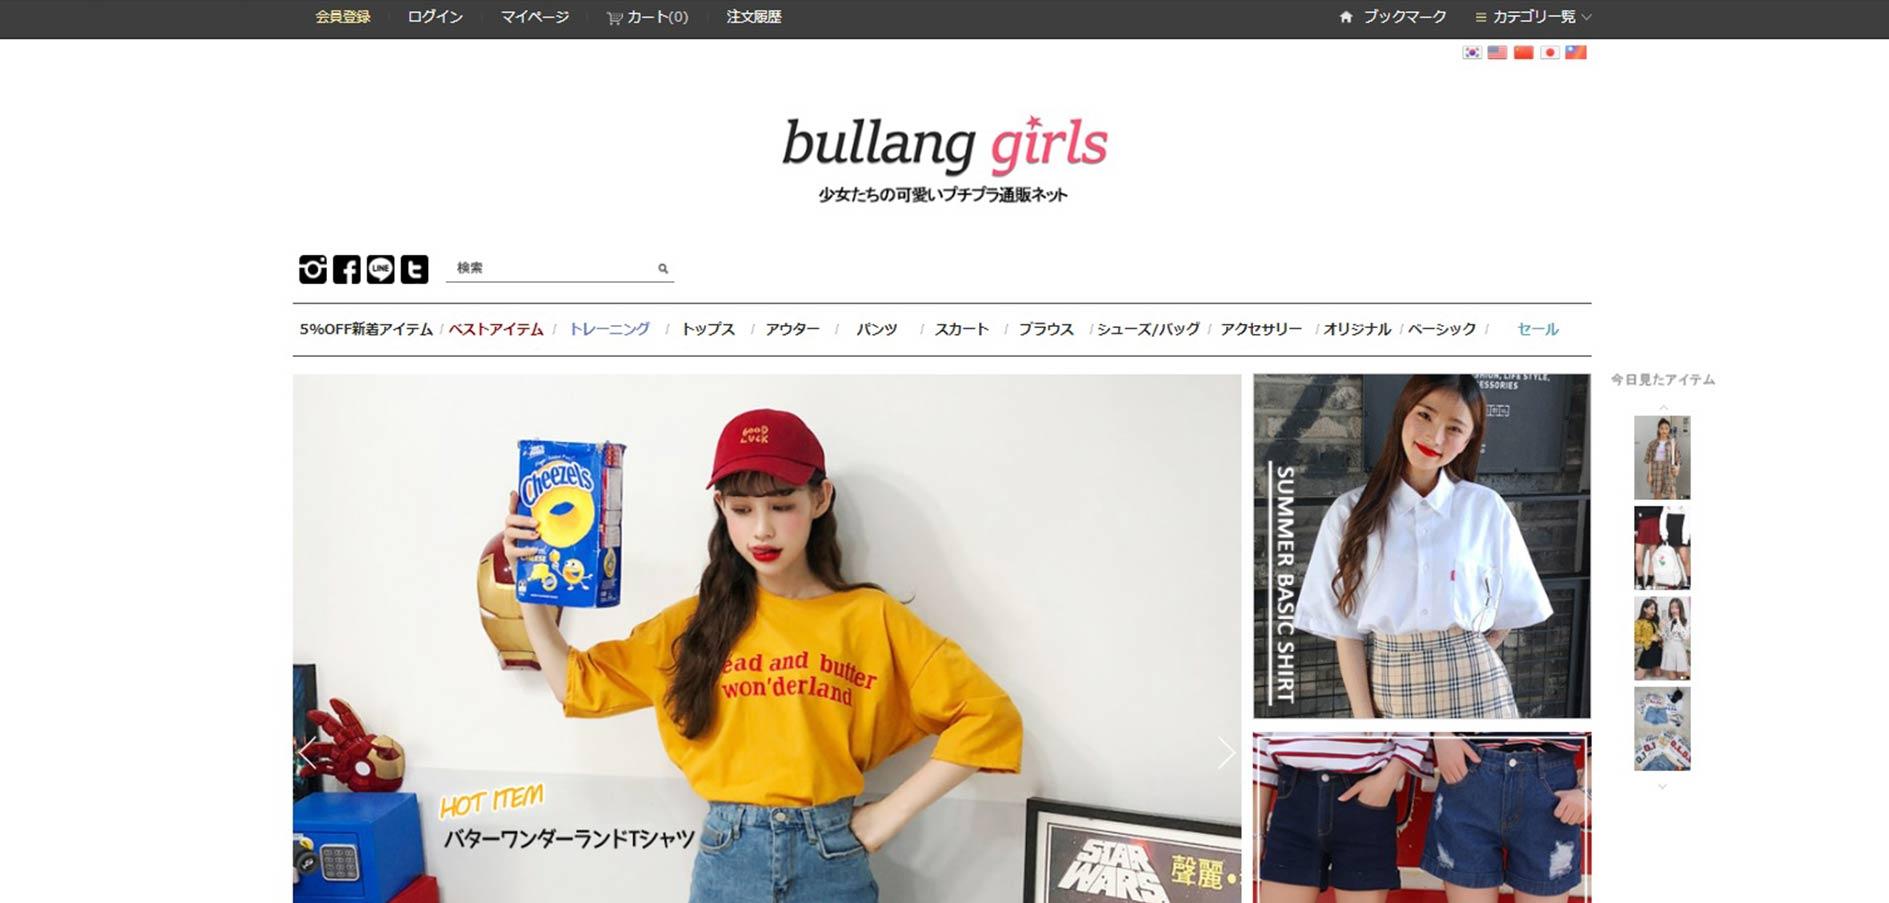 10代に人気のBULLANG GIRLS(ブランガールズ)の口コミと購入システムを紹介